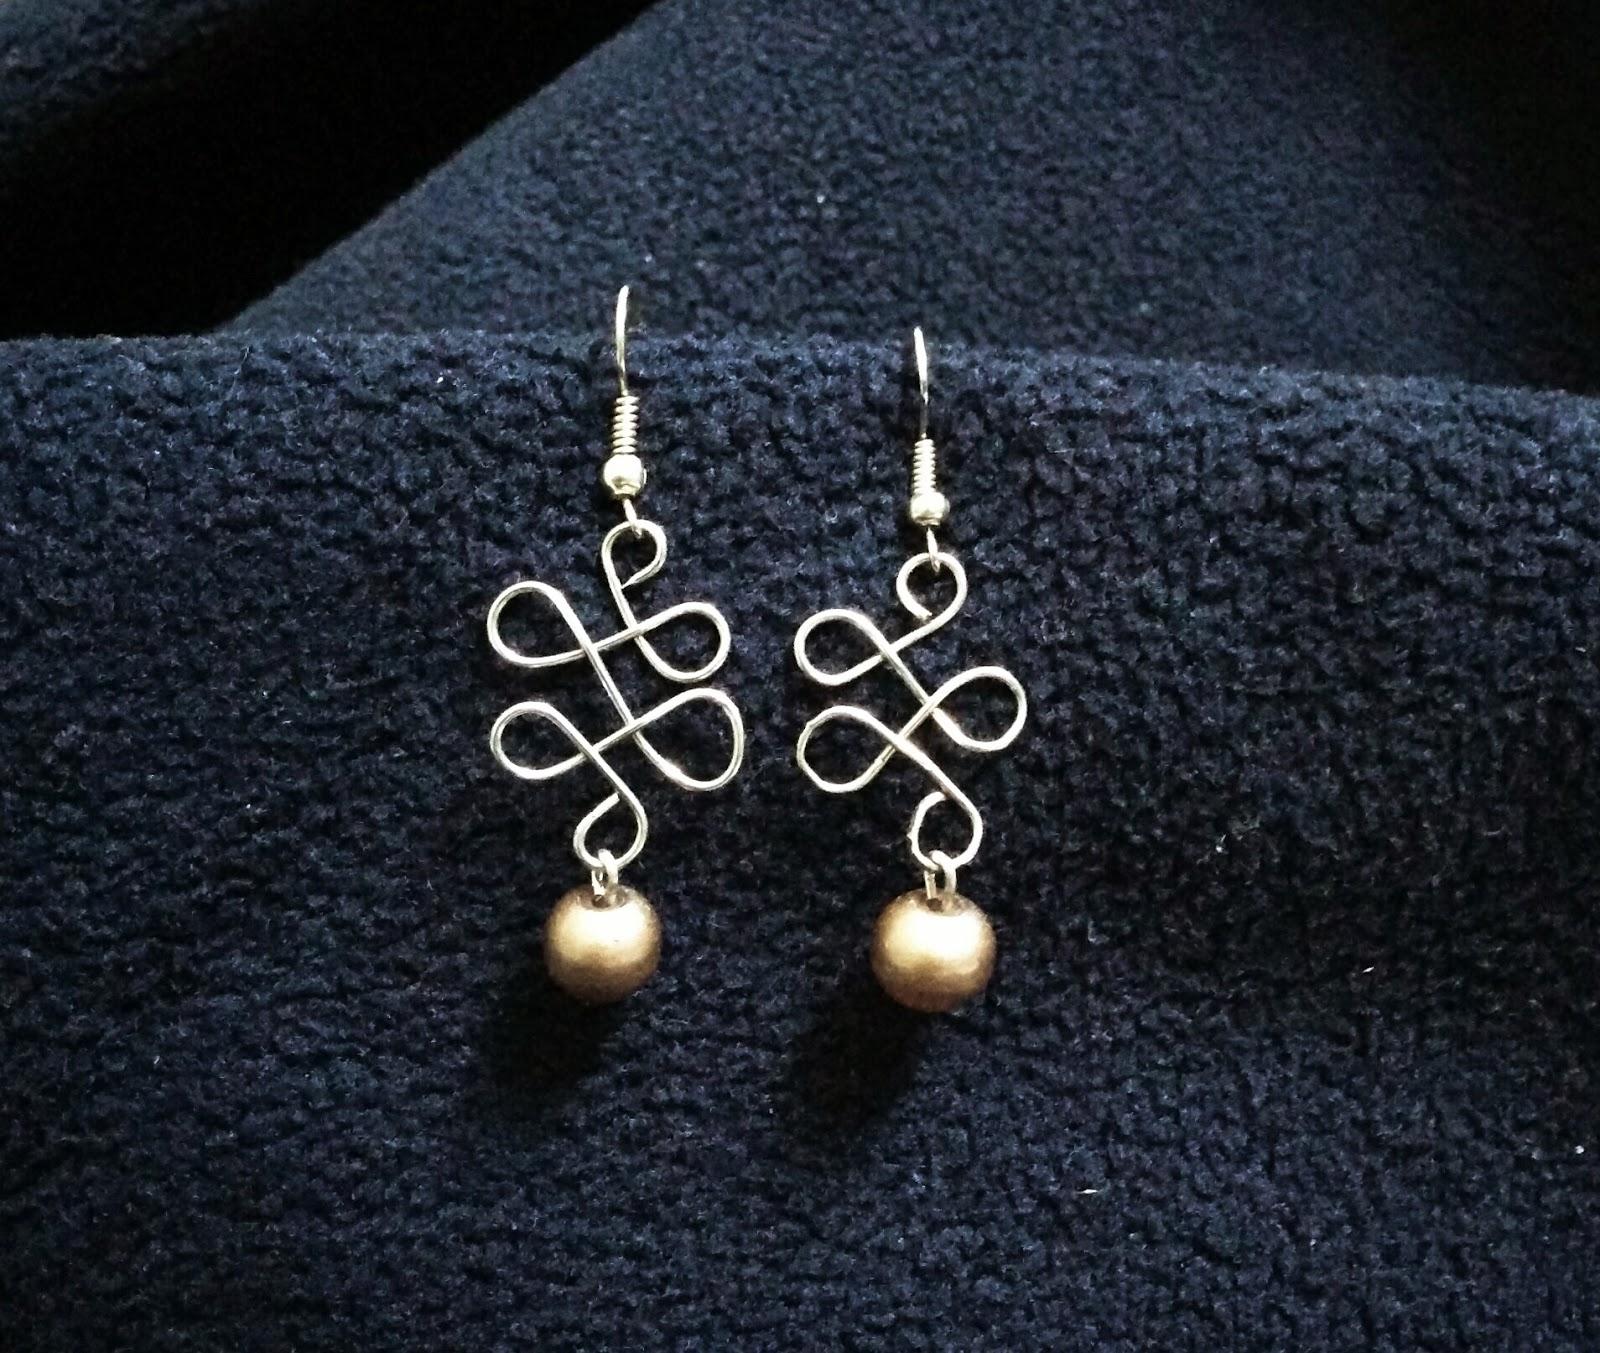 Wire-form earrings